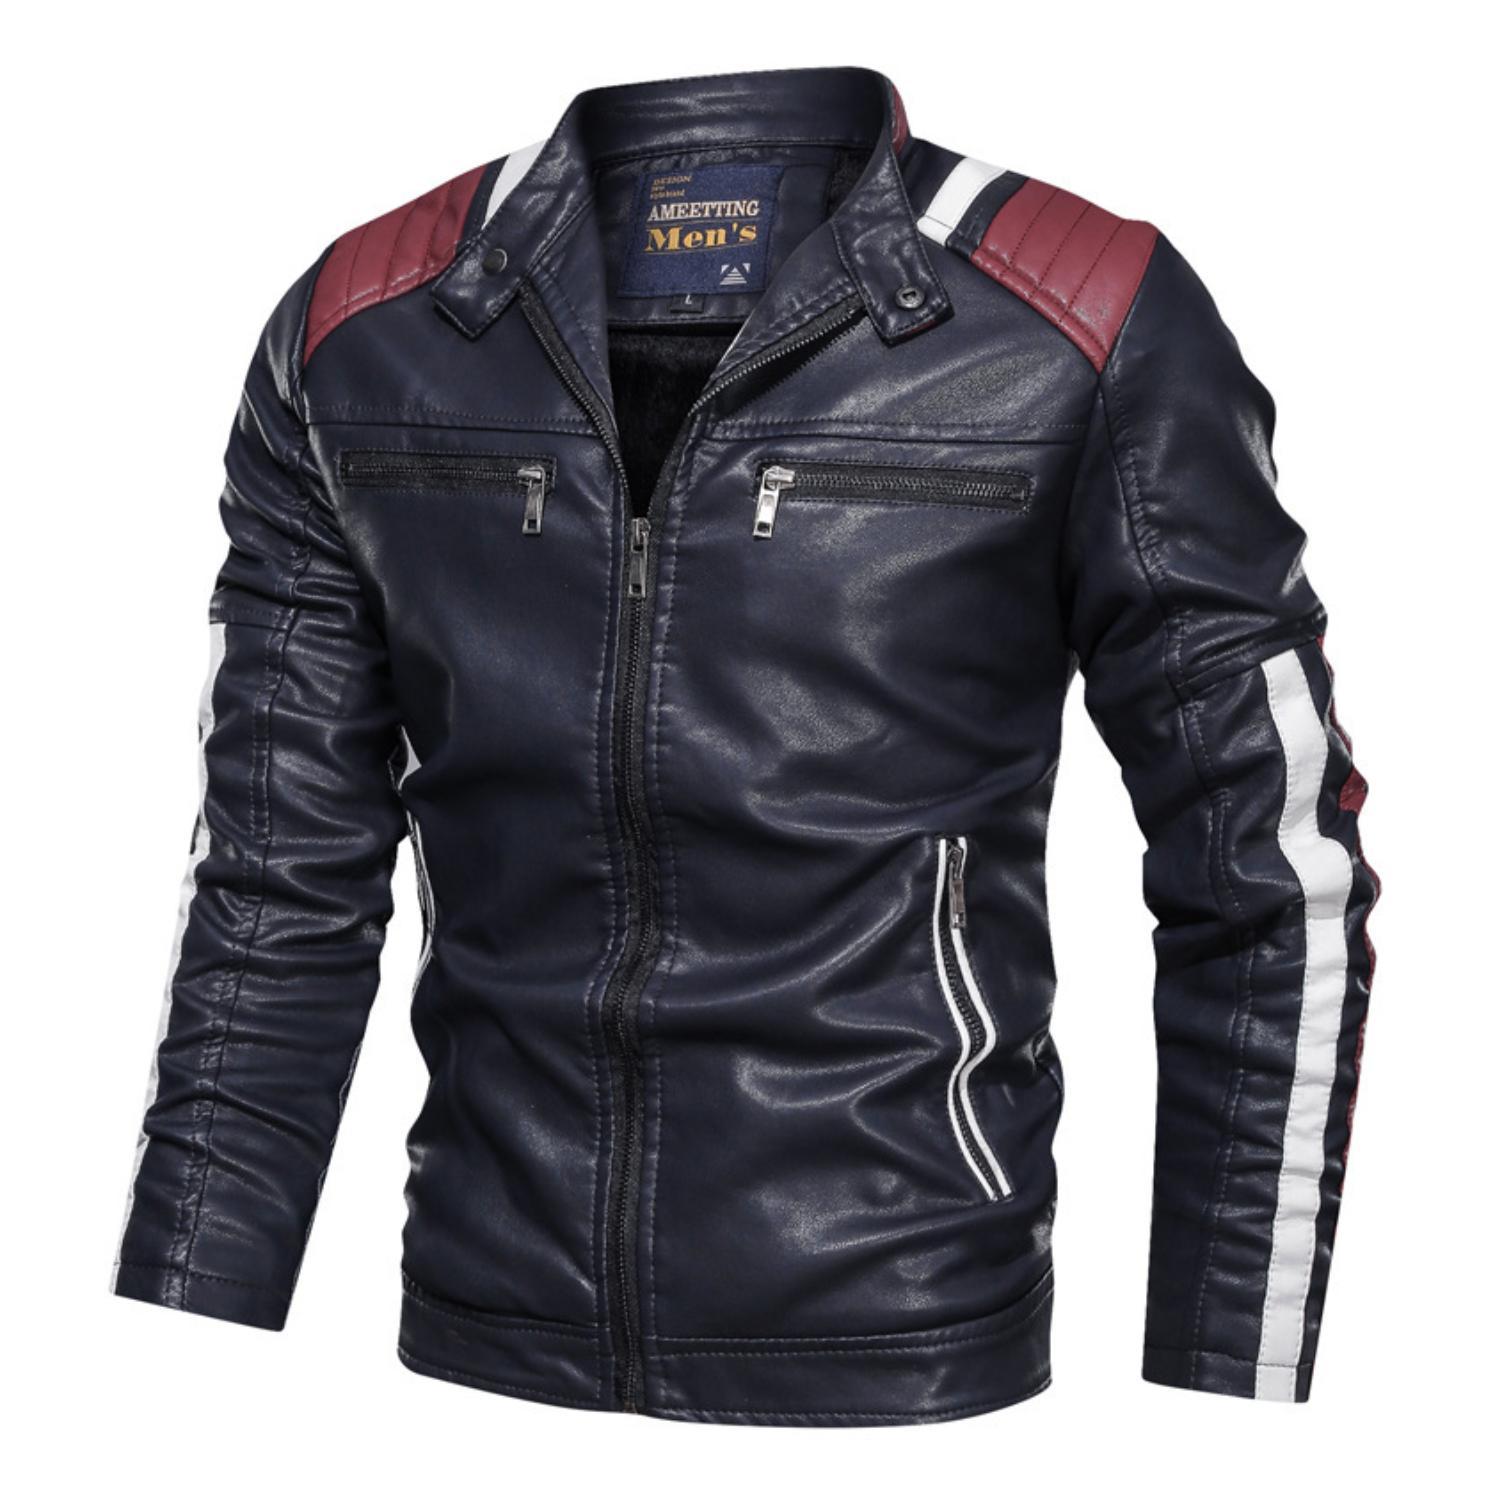 Mens Biker Vegan Leather Jacket With Shoulder Details Casual Leather Jacket Leather Jacket Men Men S Leather Jacket [ 1504 x 1504 Pixel ]